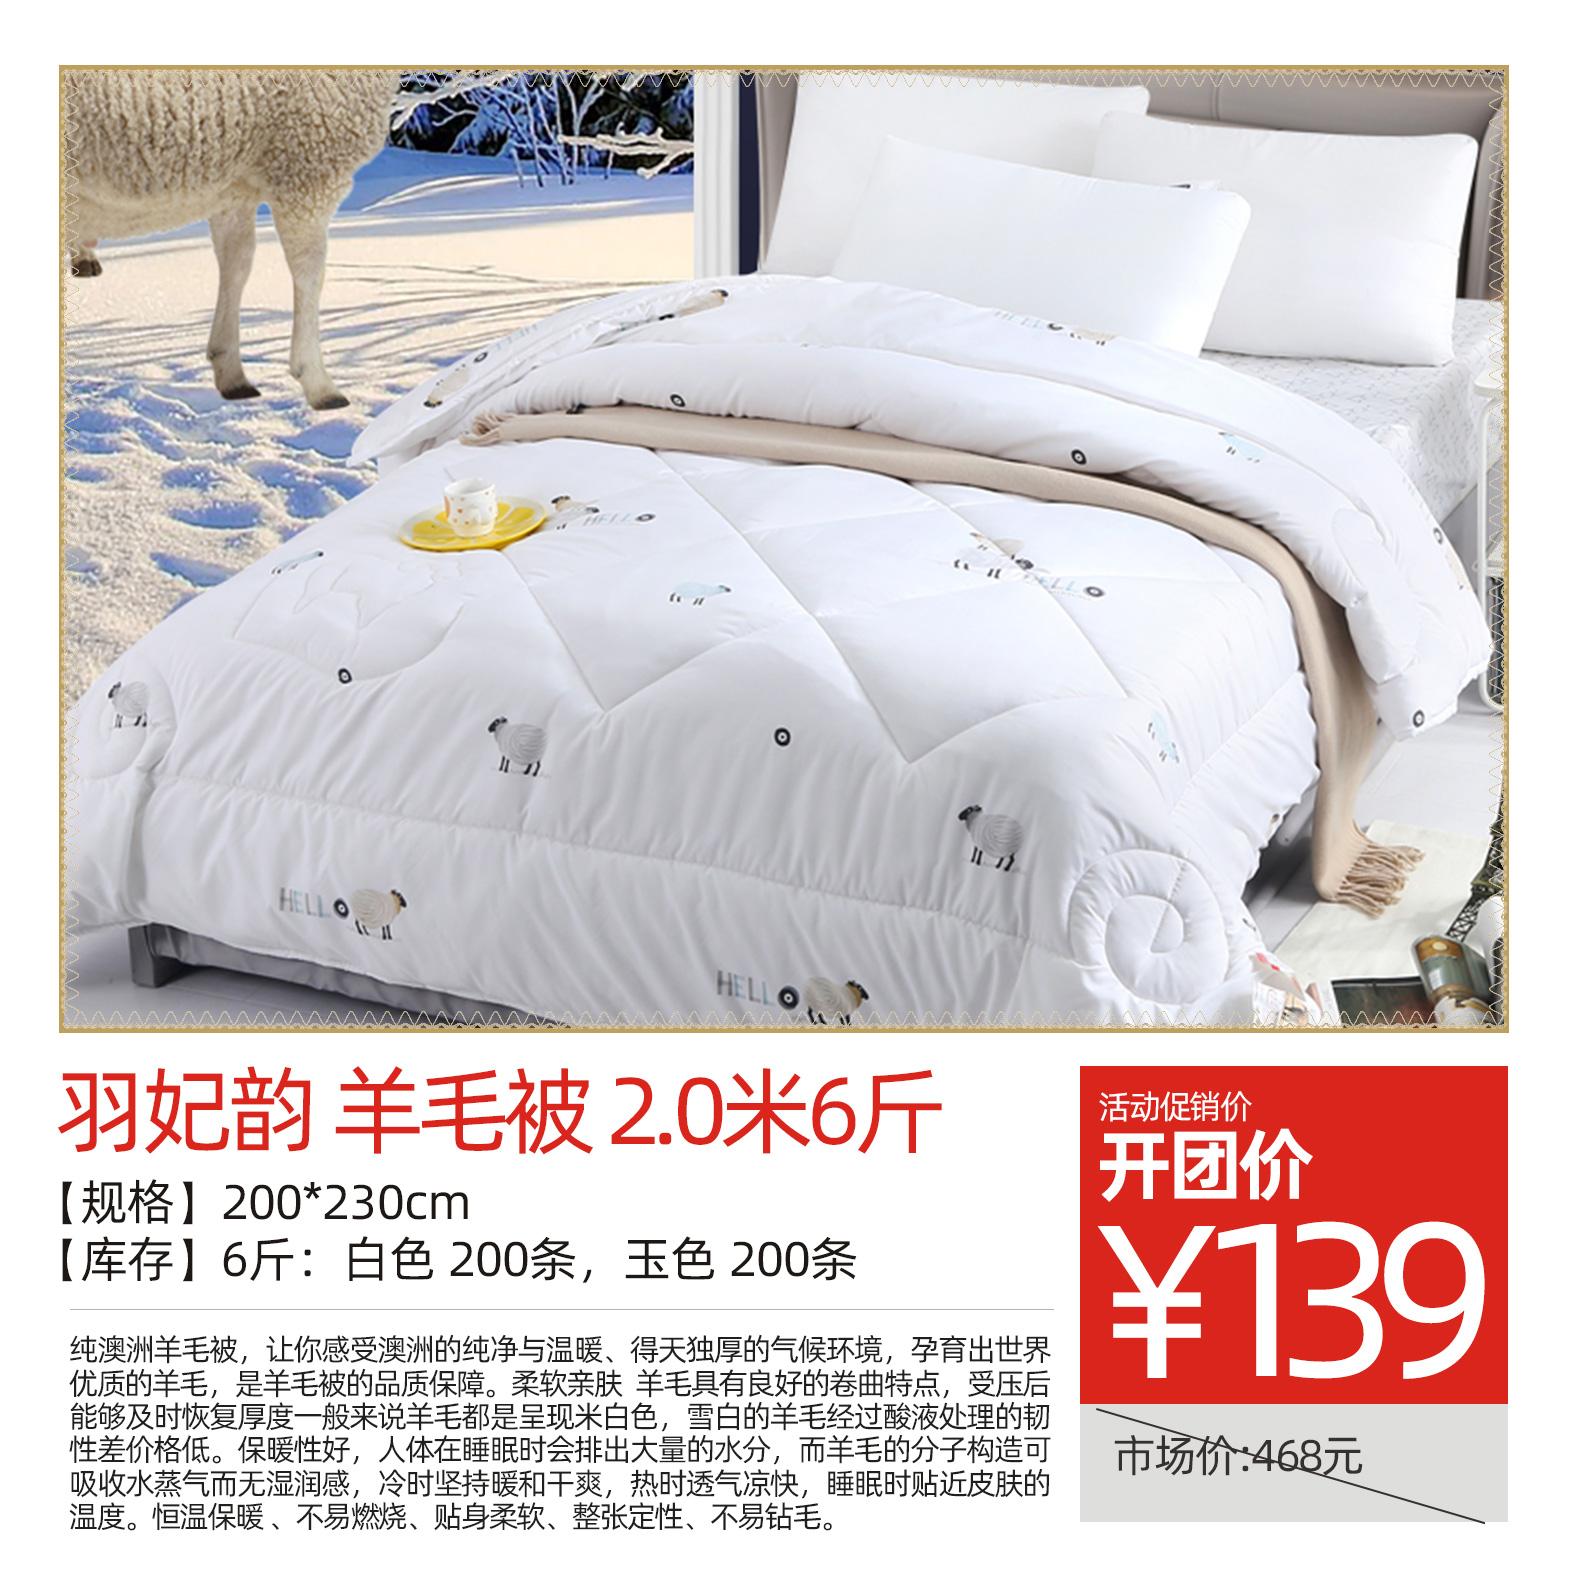 羽妃韵羊毛被2.0米6斤